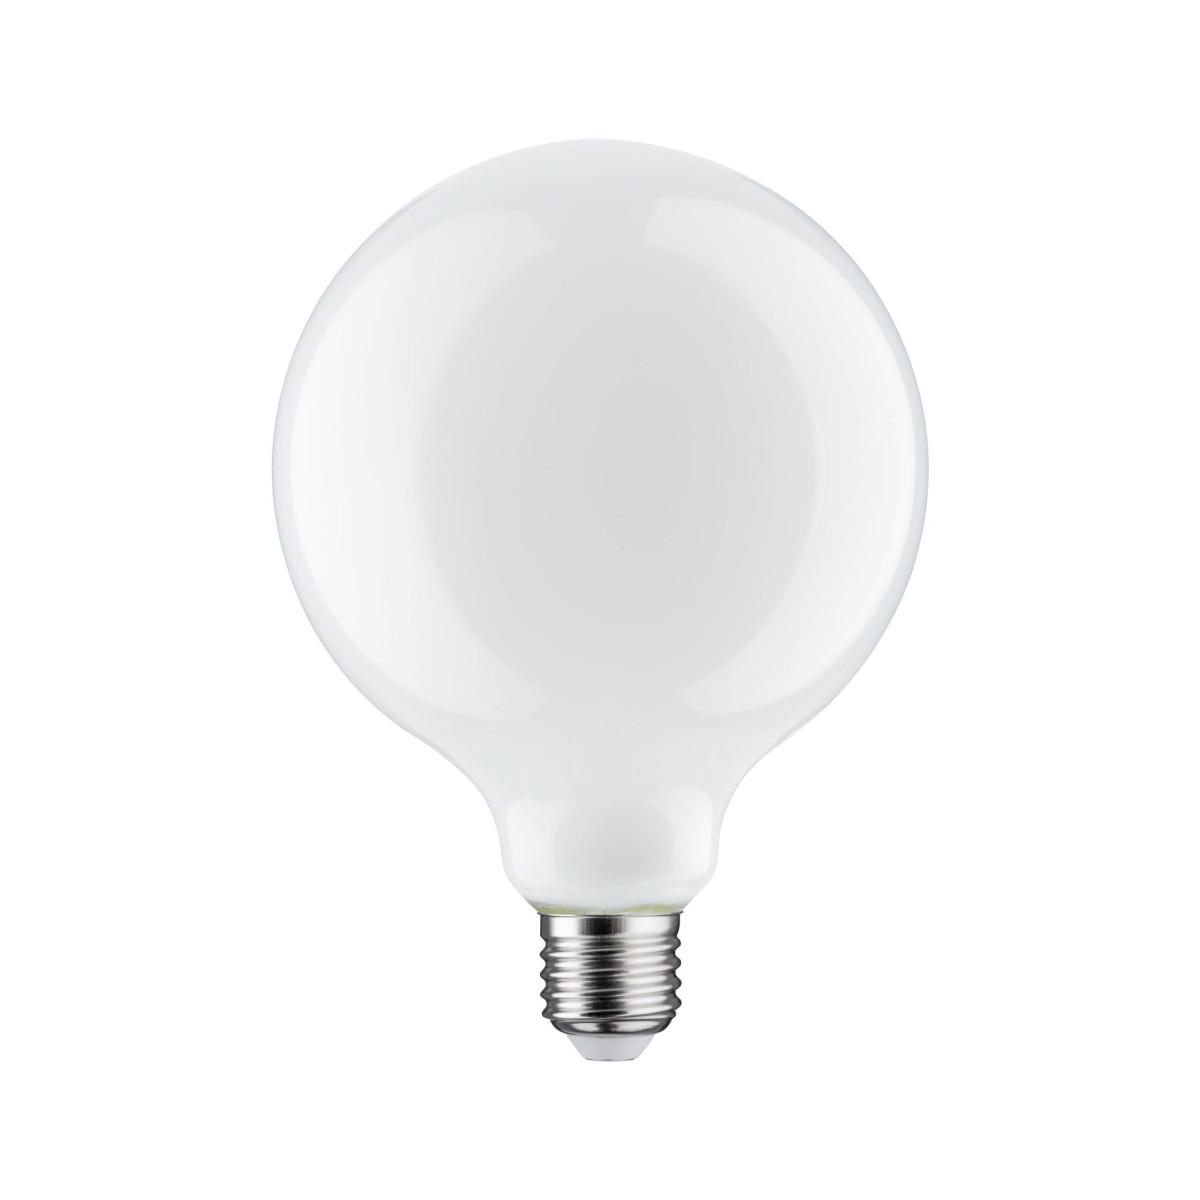 Лампа филаментная Paulmann Ретро Шар G120 6Вт 806лм 2700К Е27 230В Опал Регулируемая яркость 28484.